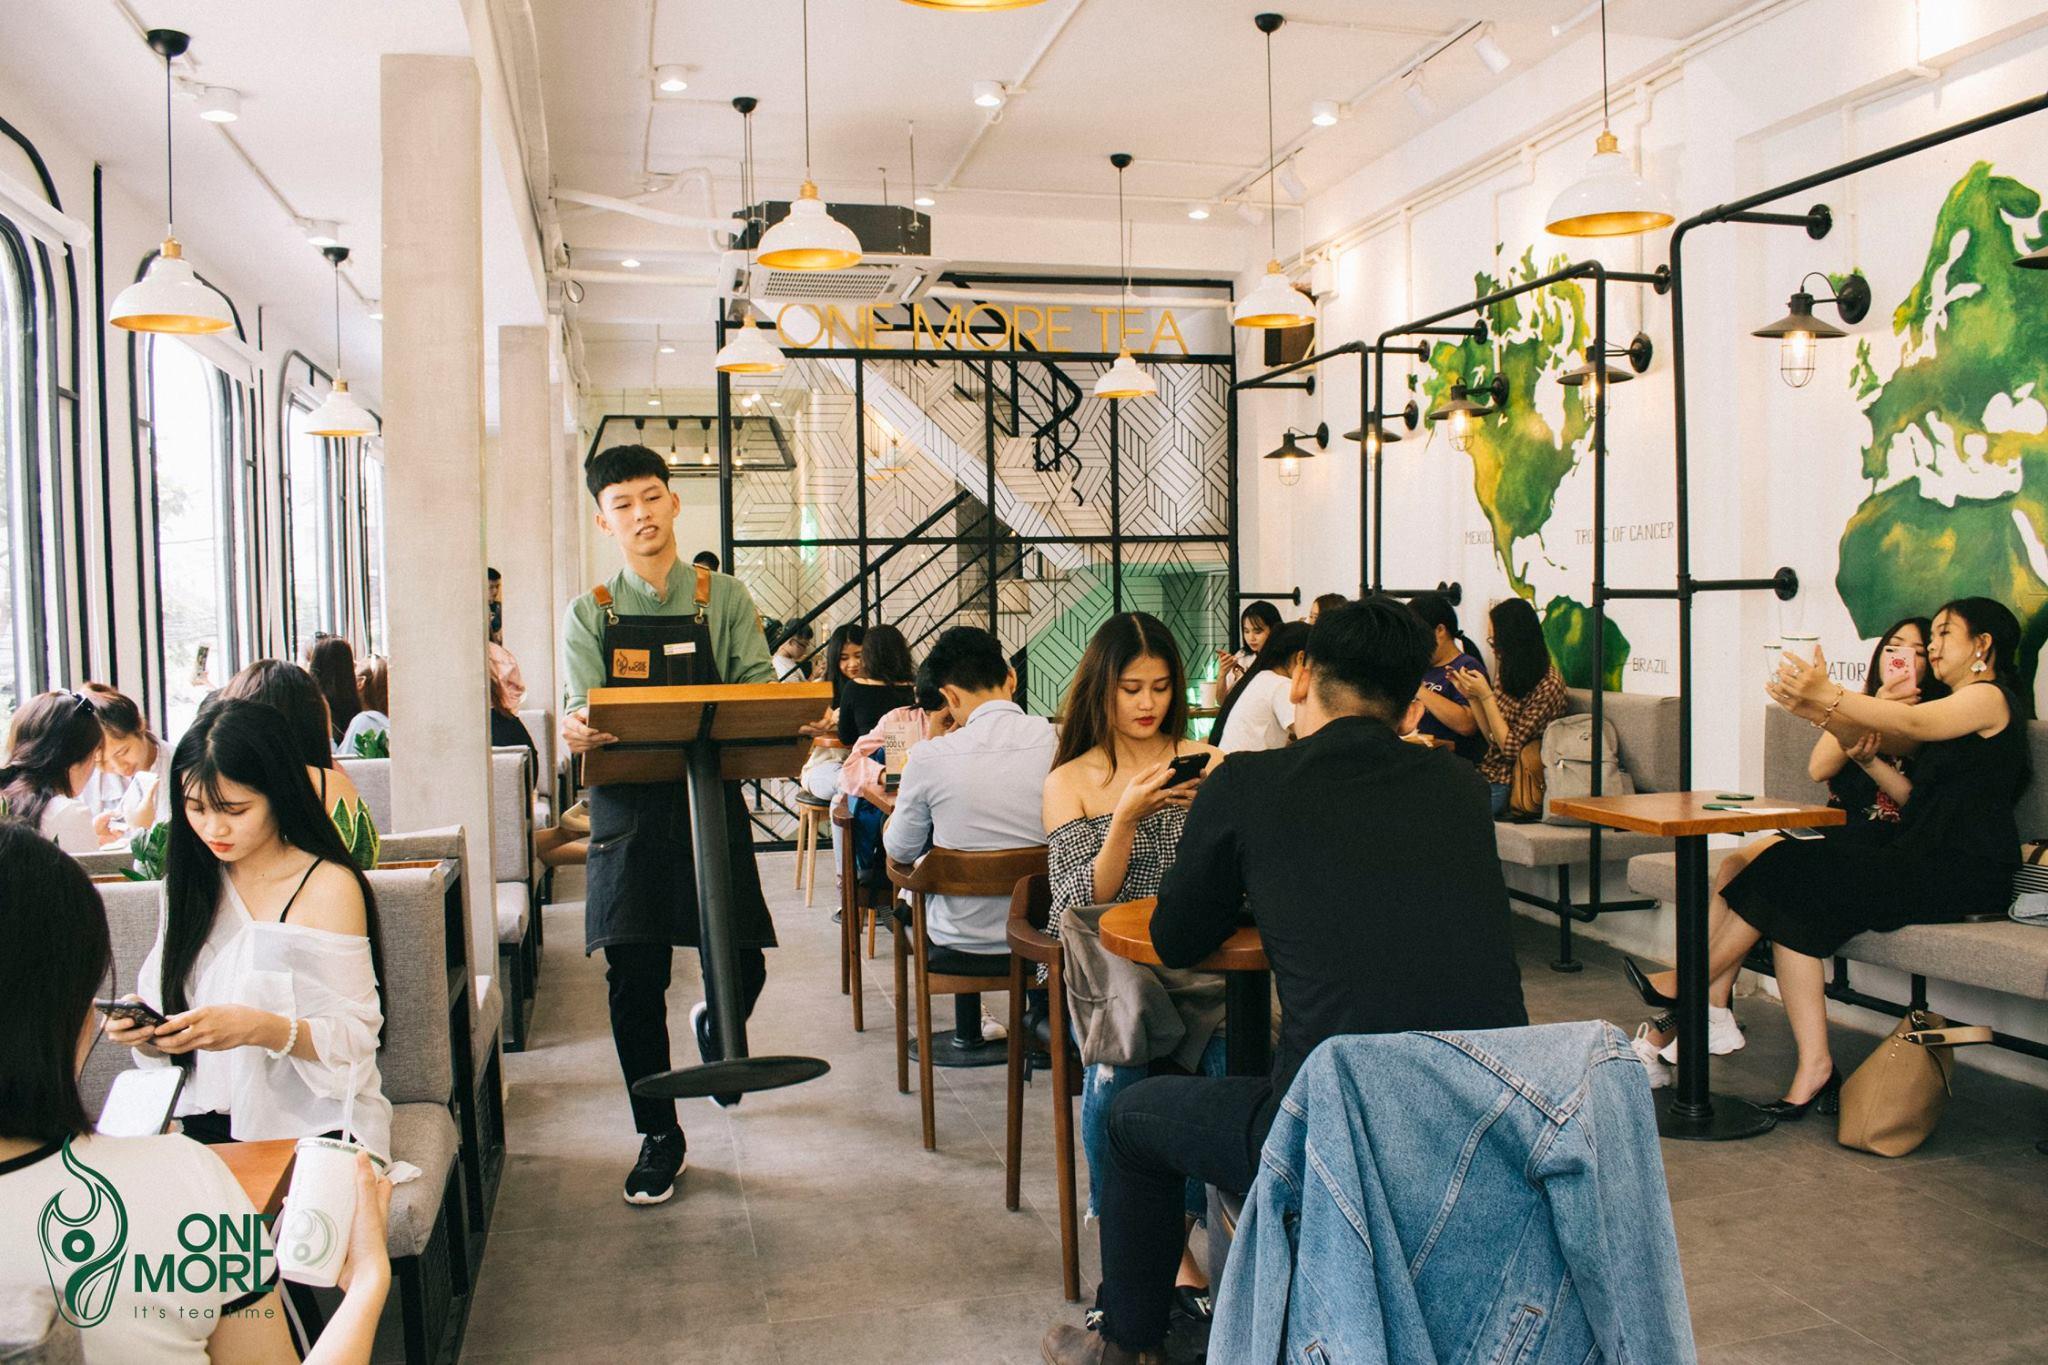 Giới trẻ Sài thành háo hức trải nghiệm trào lưu uống trà sữa One More Tea kiểu bartender - Ảnh 8.